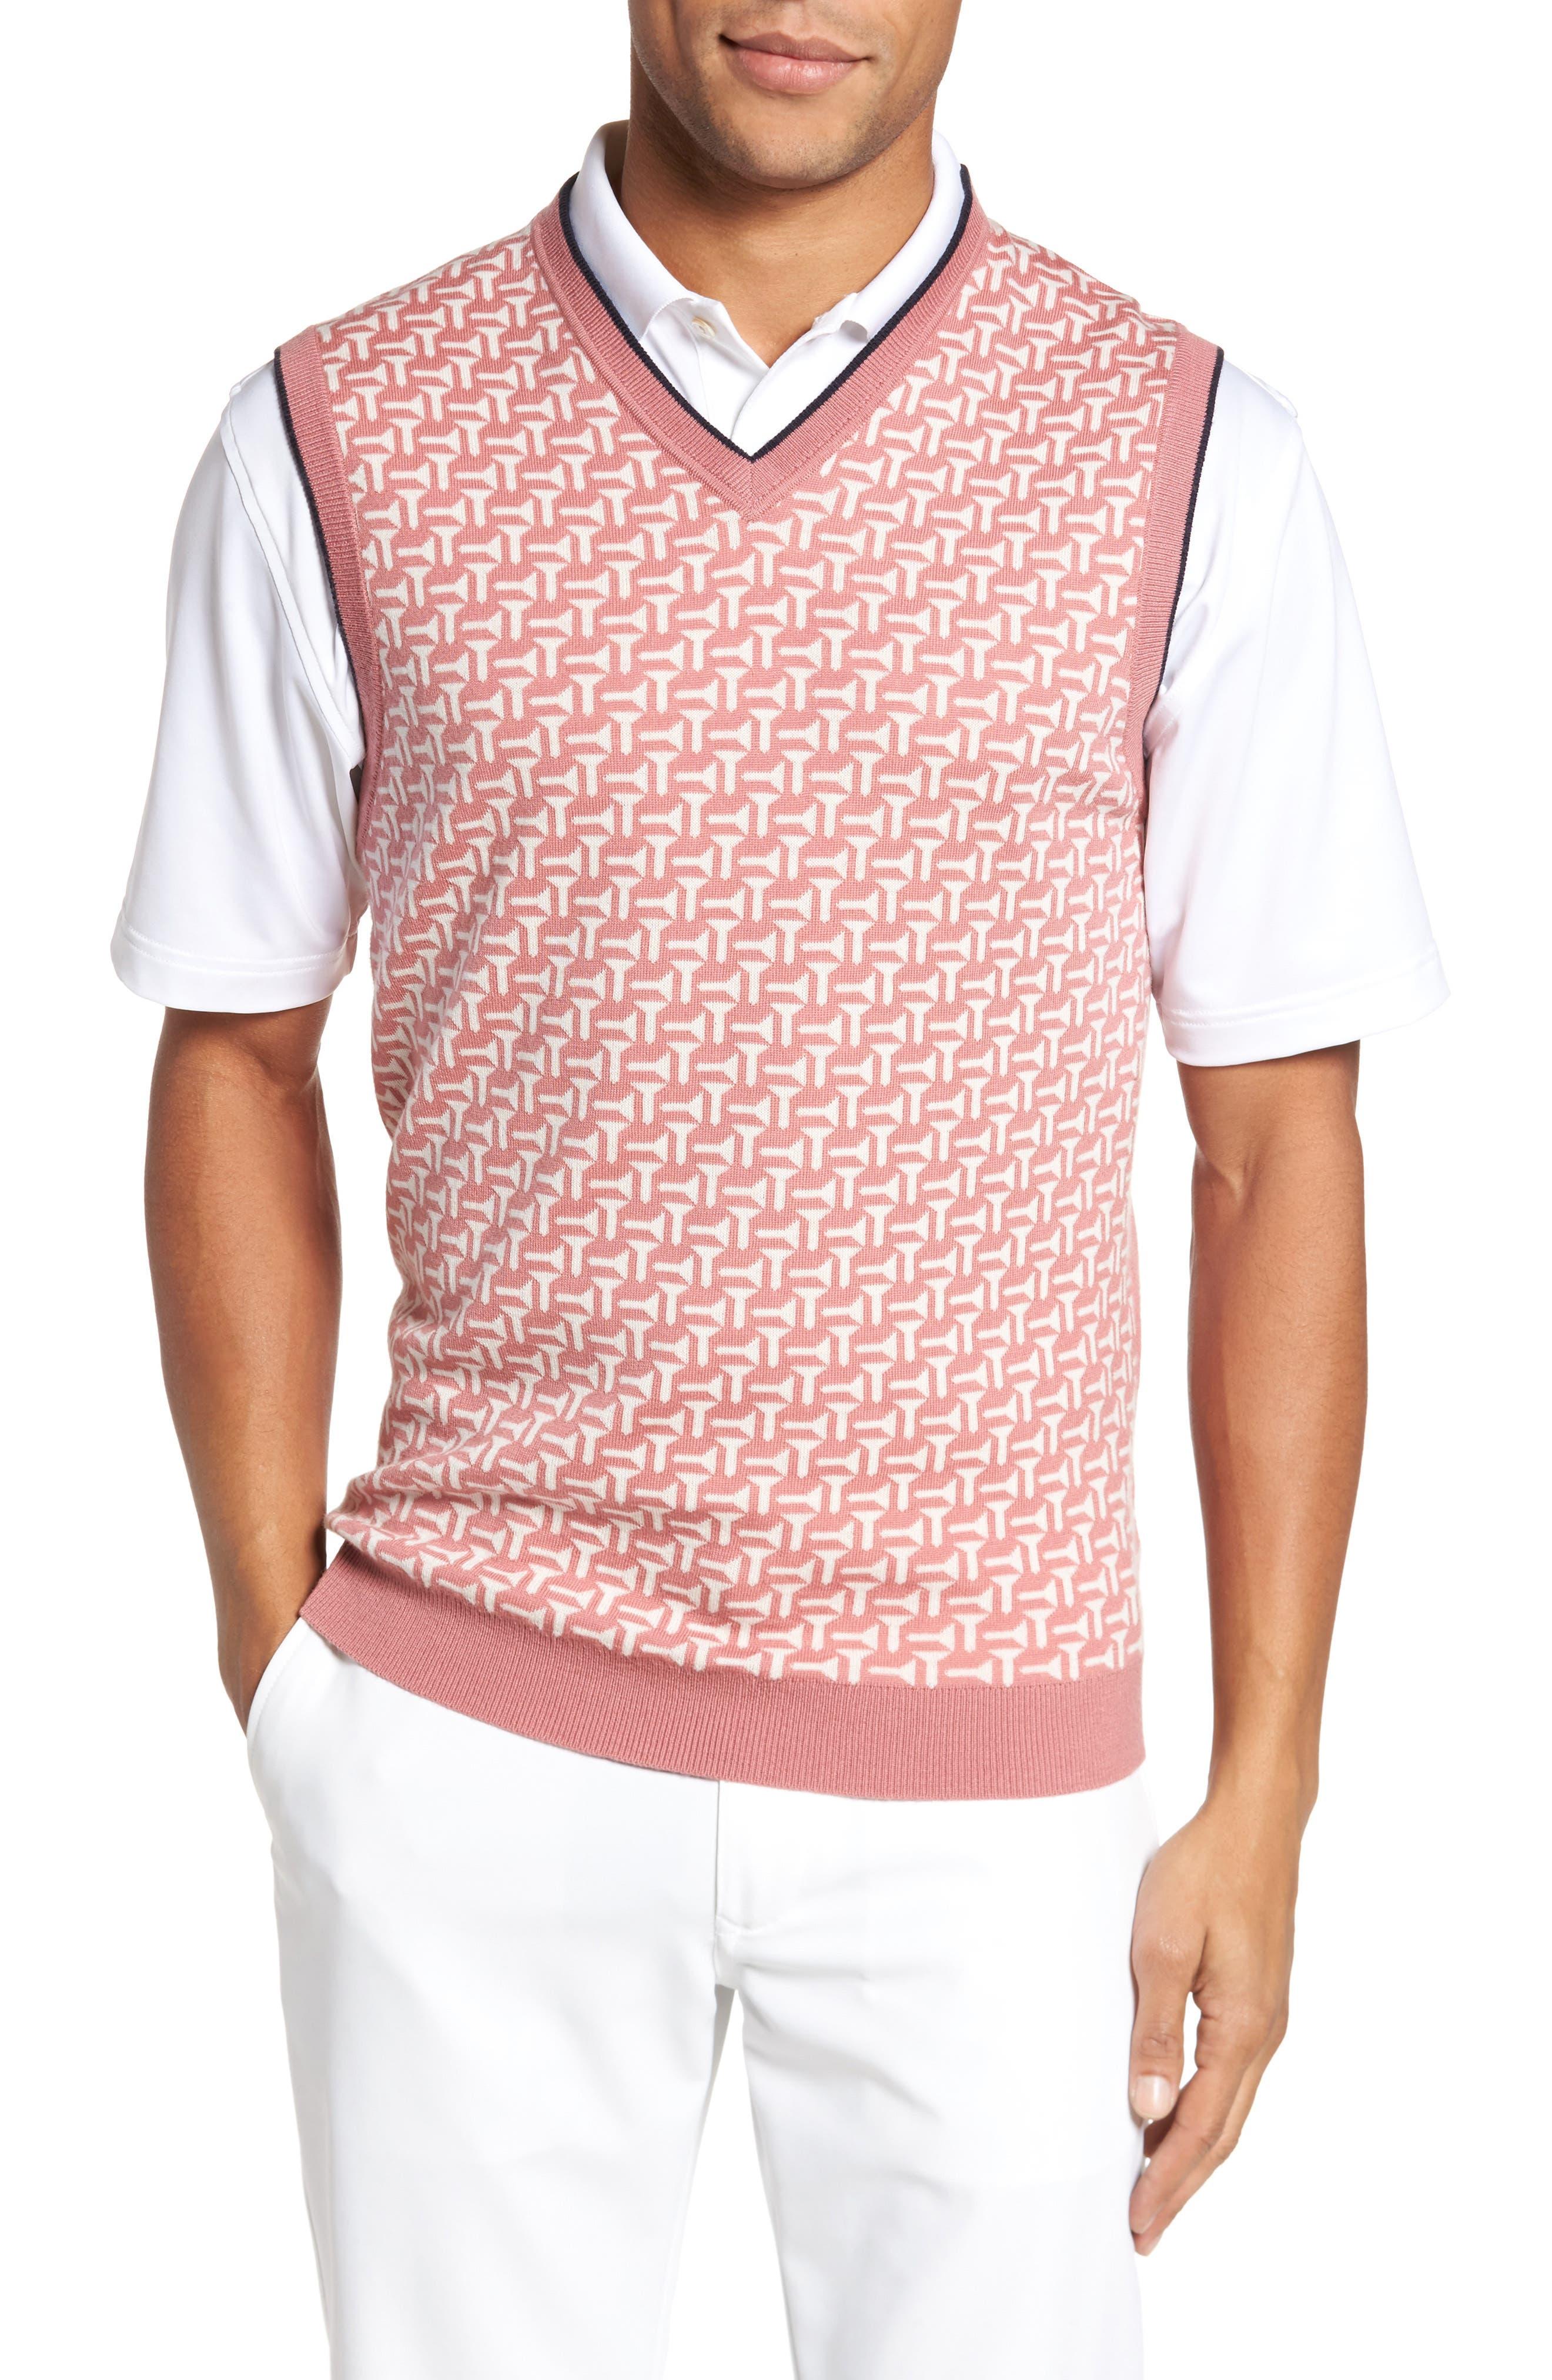 Alternate Image 1 Selected - Ted Baker London Tommas Golf Merino Sweater Vest